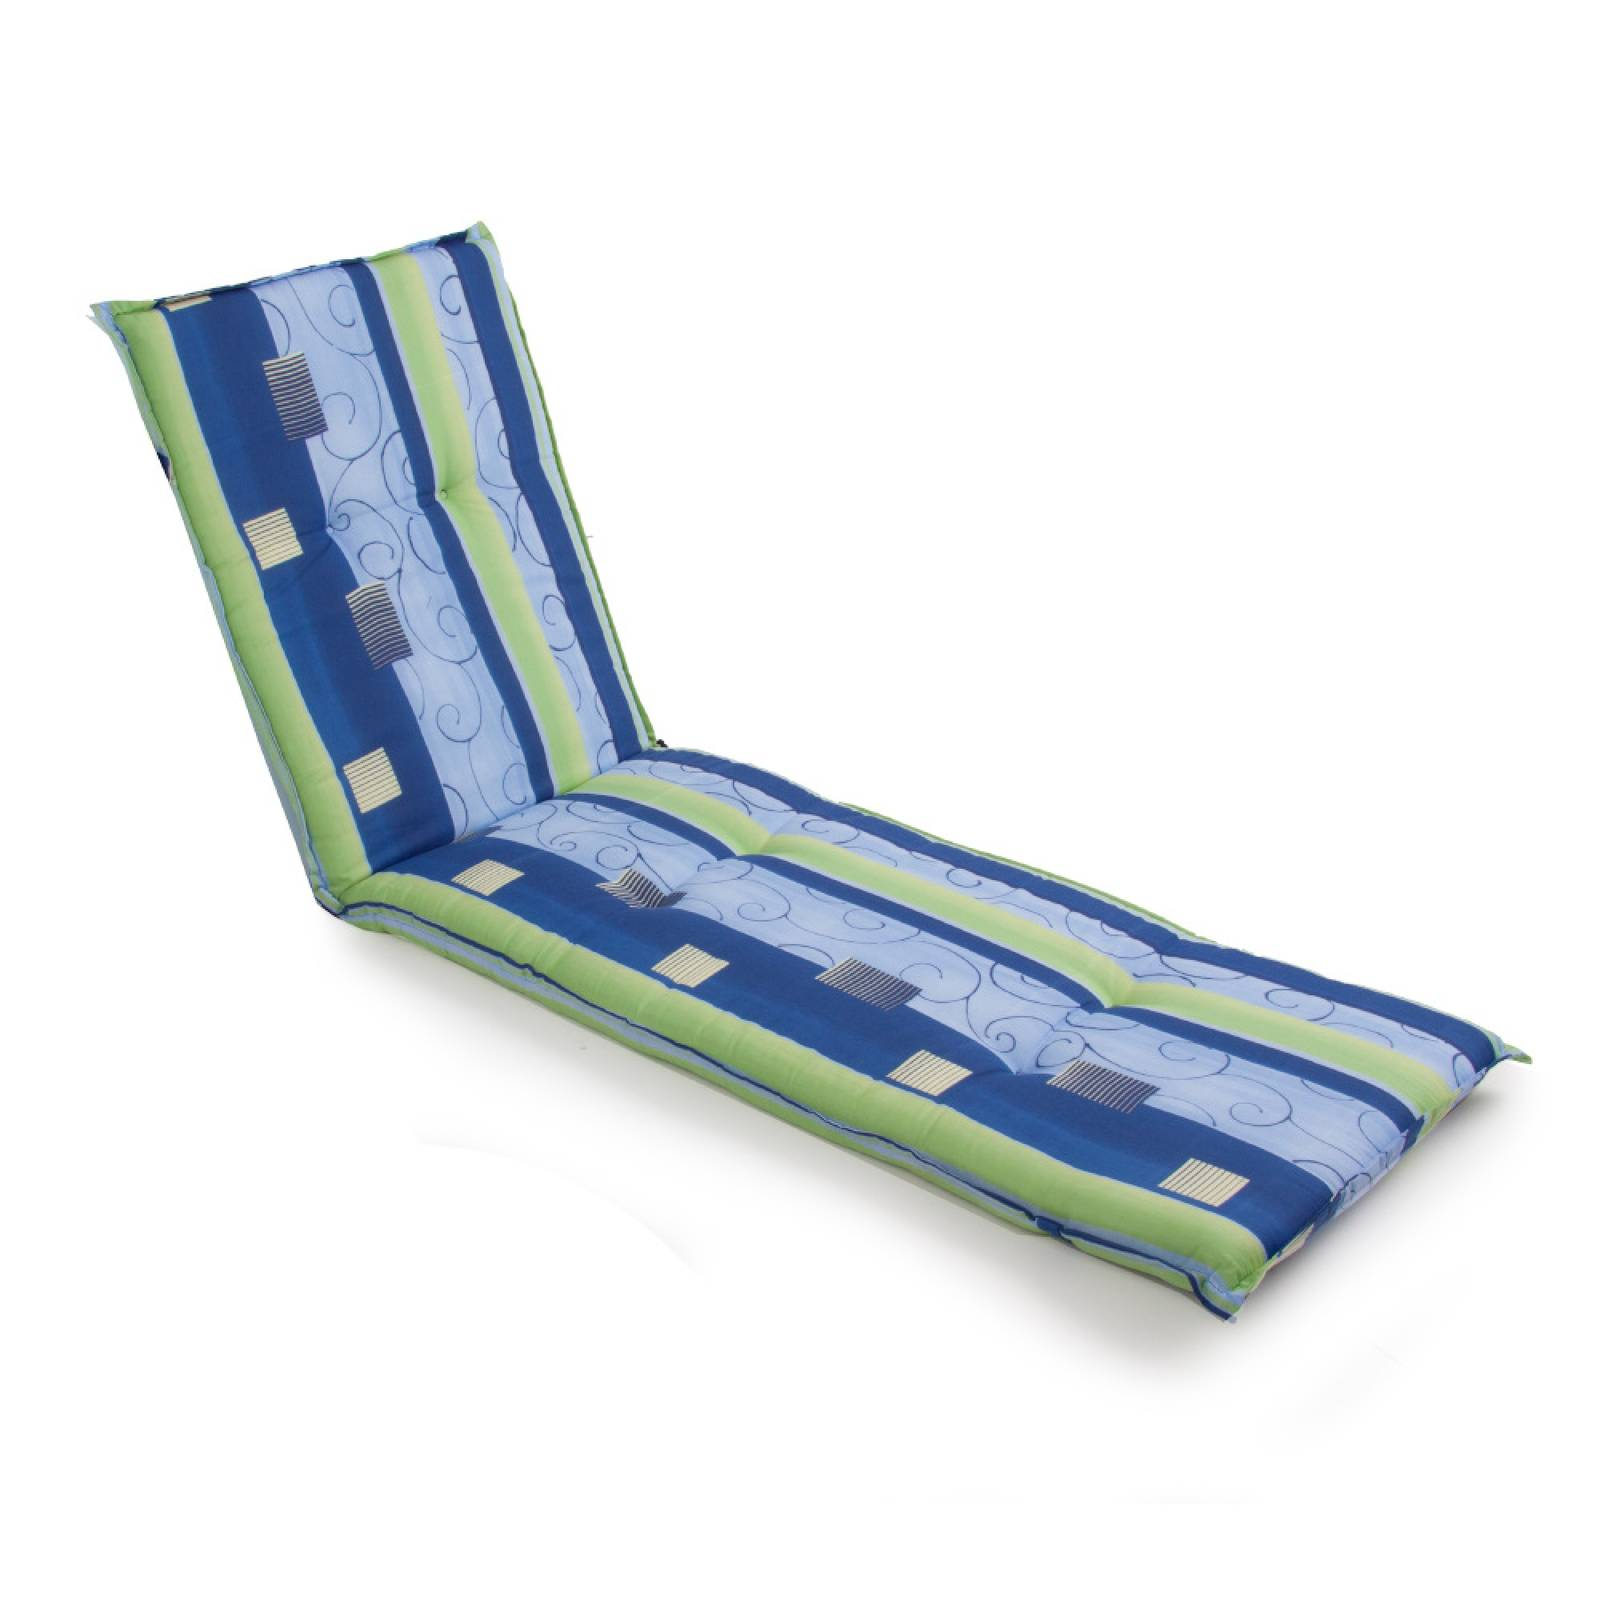 Poduszka na leżak / łóżko Xenon Liege 6 cm PATIO MIX KOLORÓW